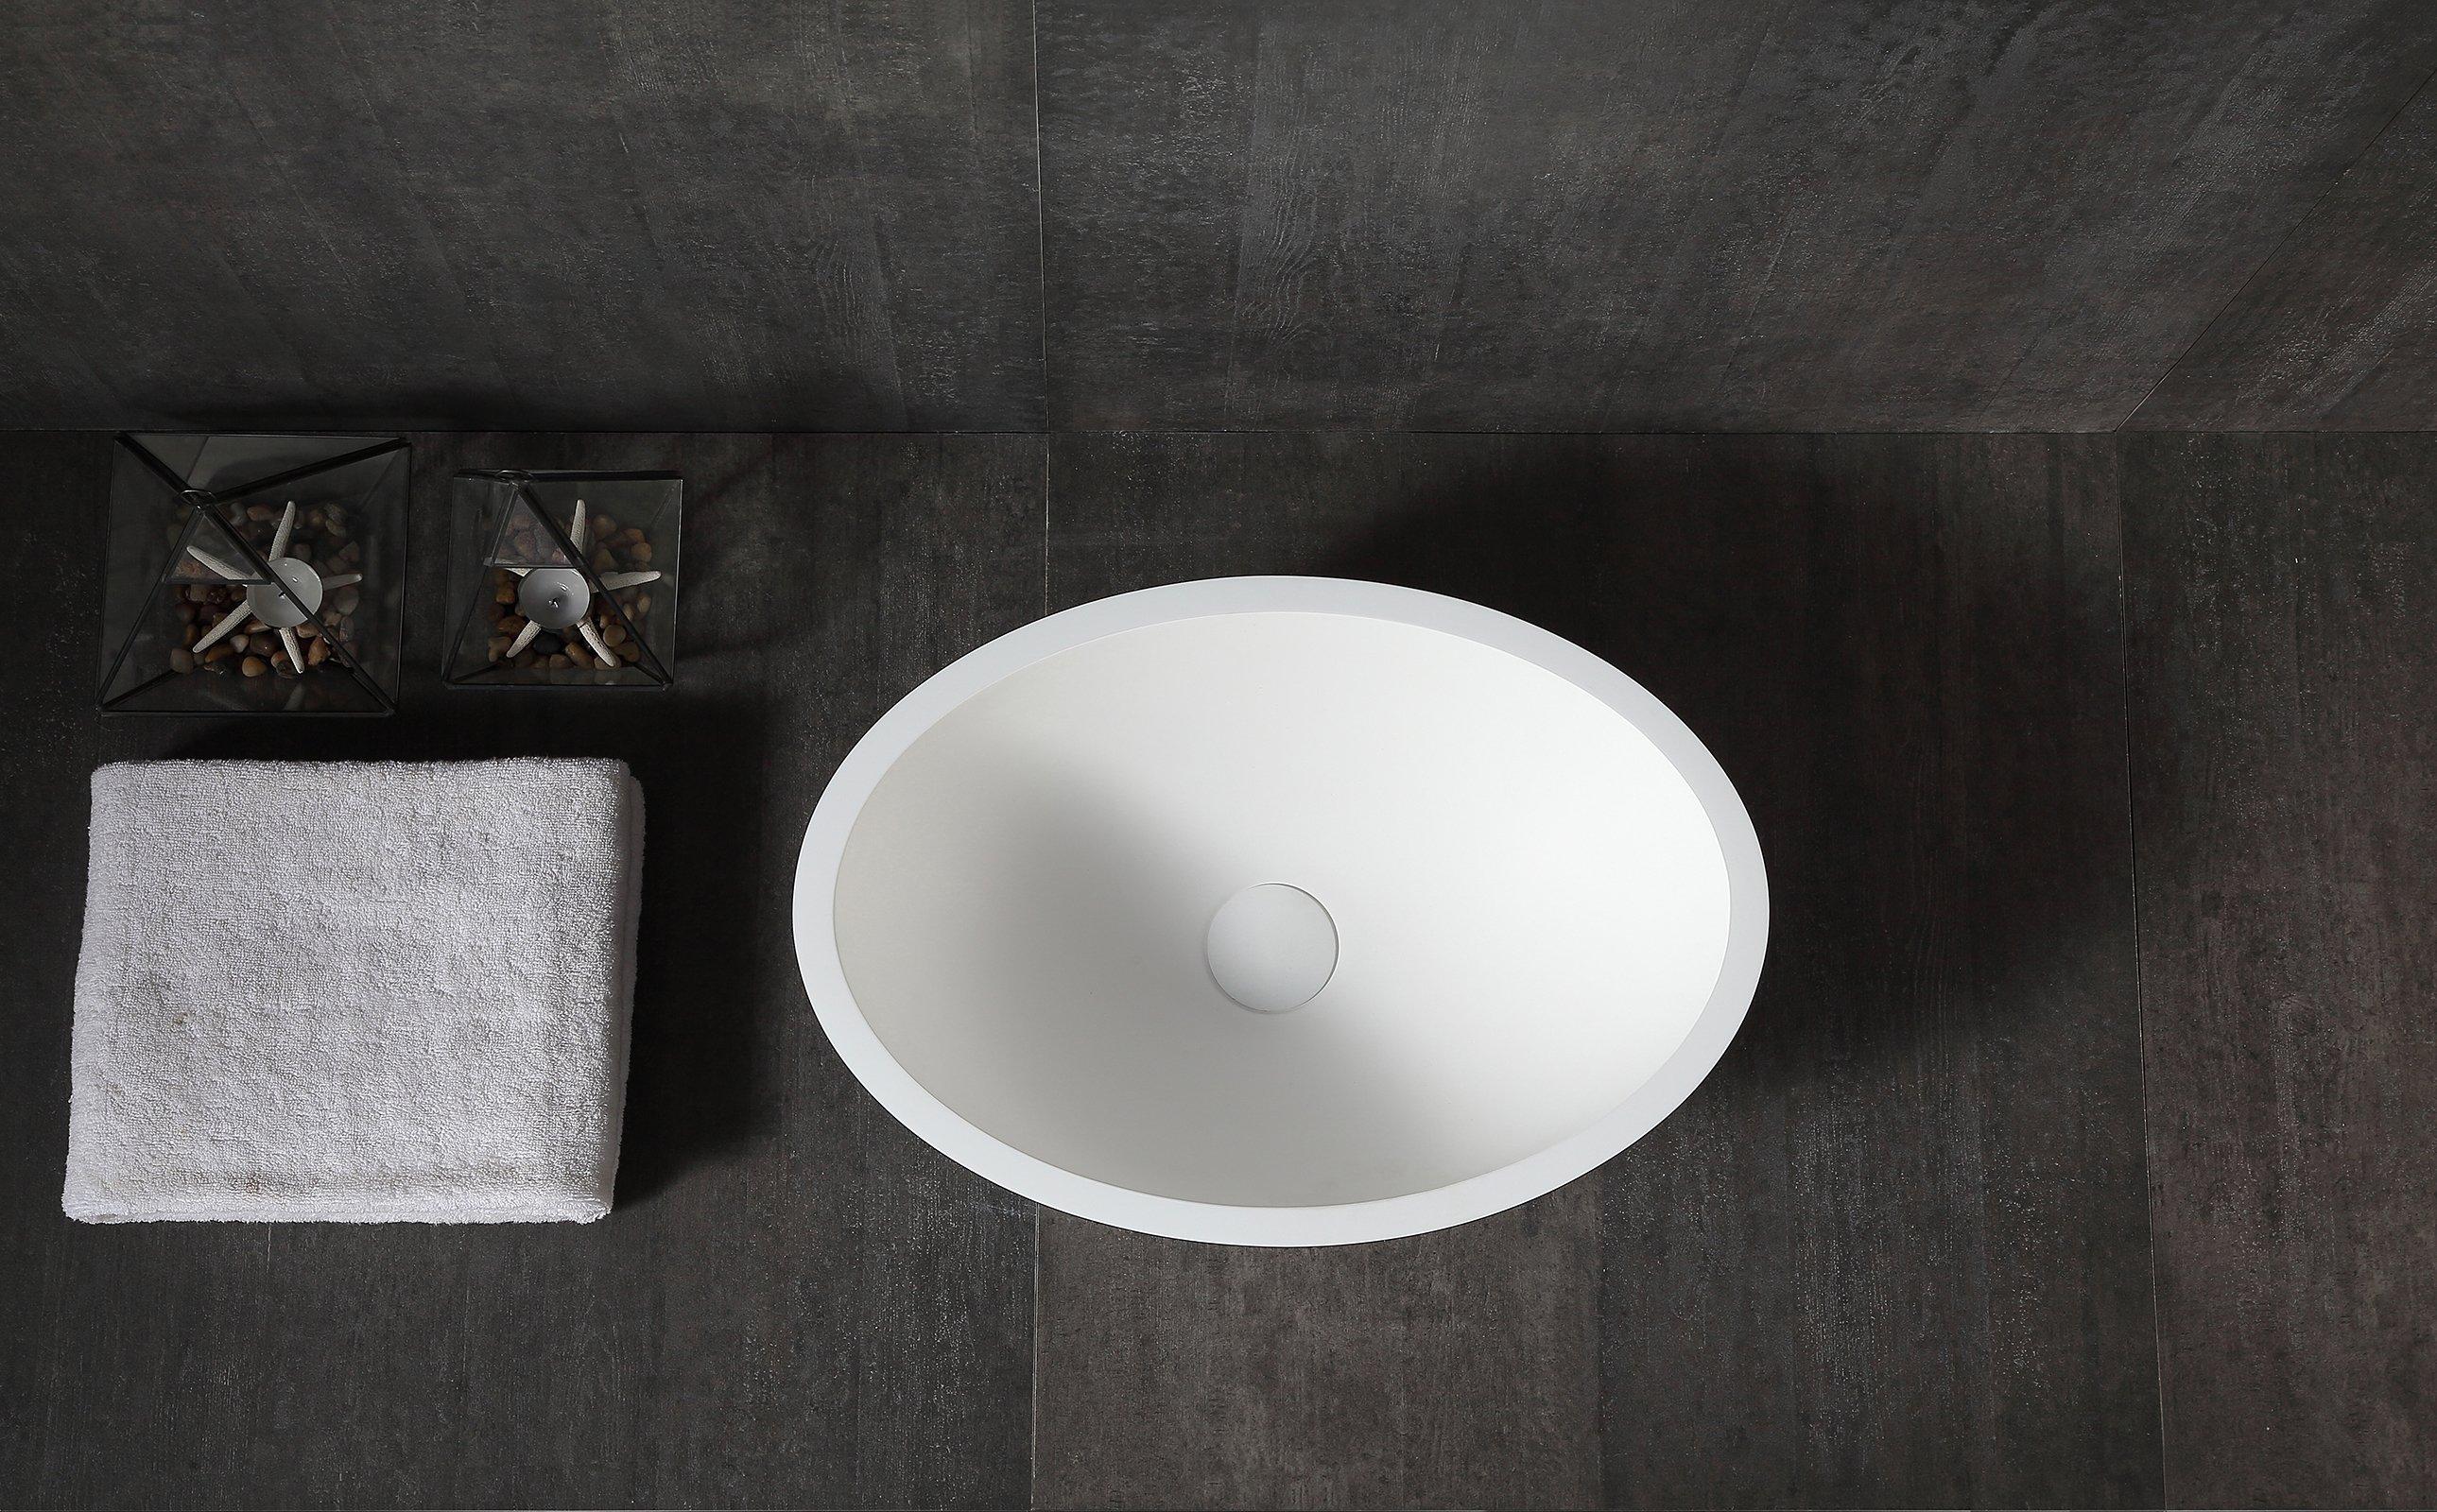 Aufsatzwaschbecken TW2106 aus Mineralguss Pure Acrylic - Matt - 50 x 35 x 15 cm